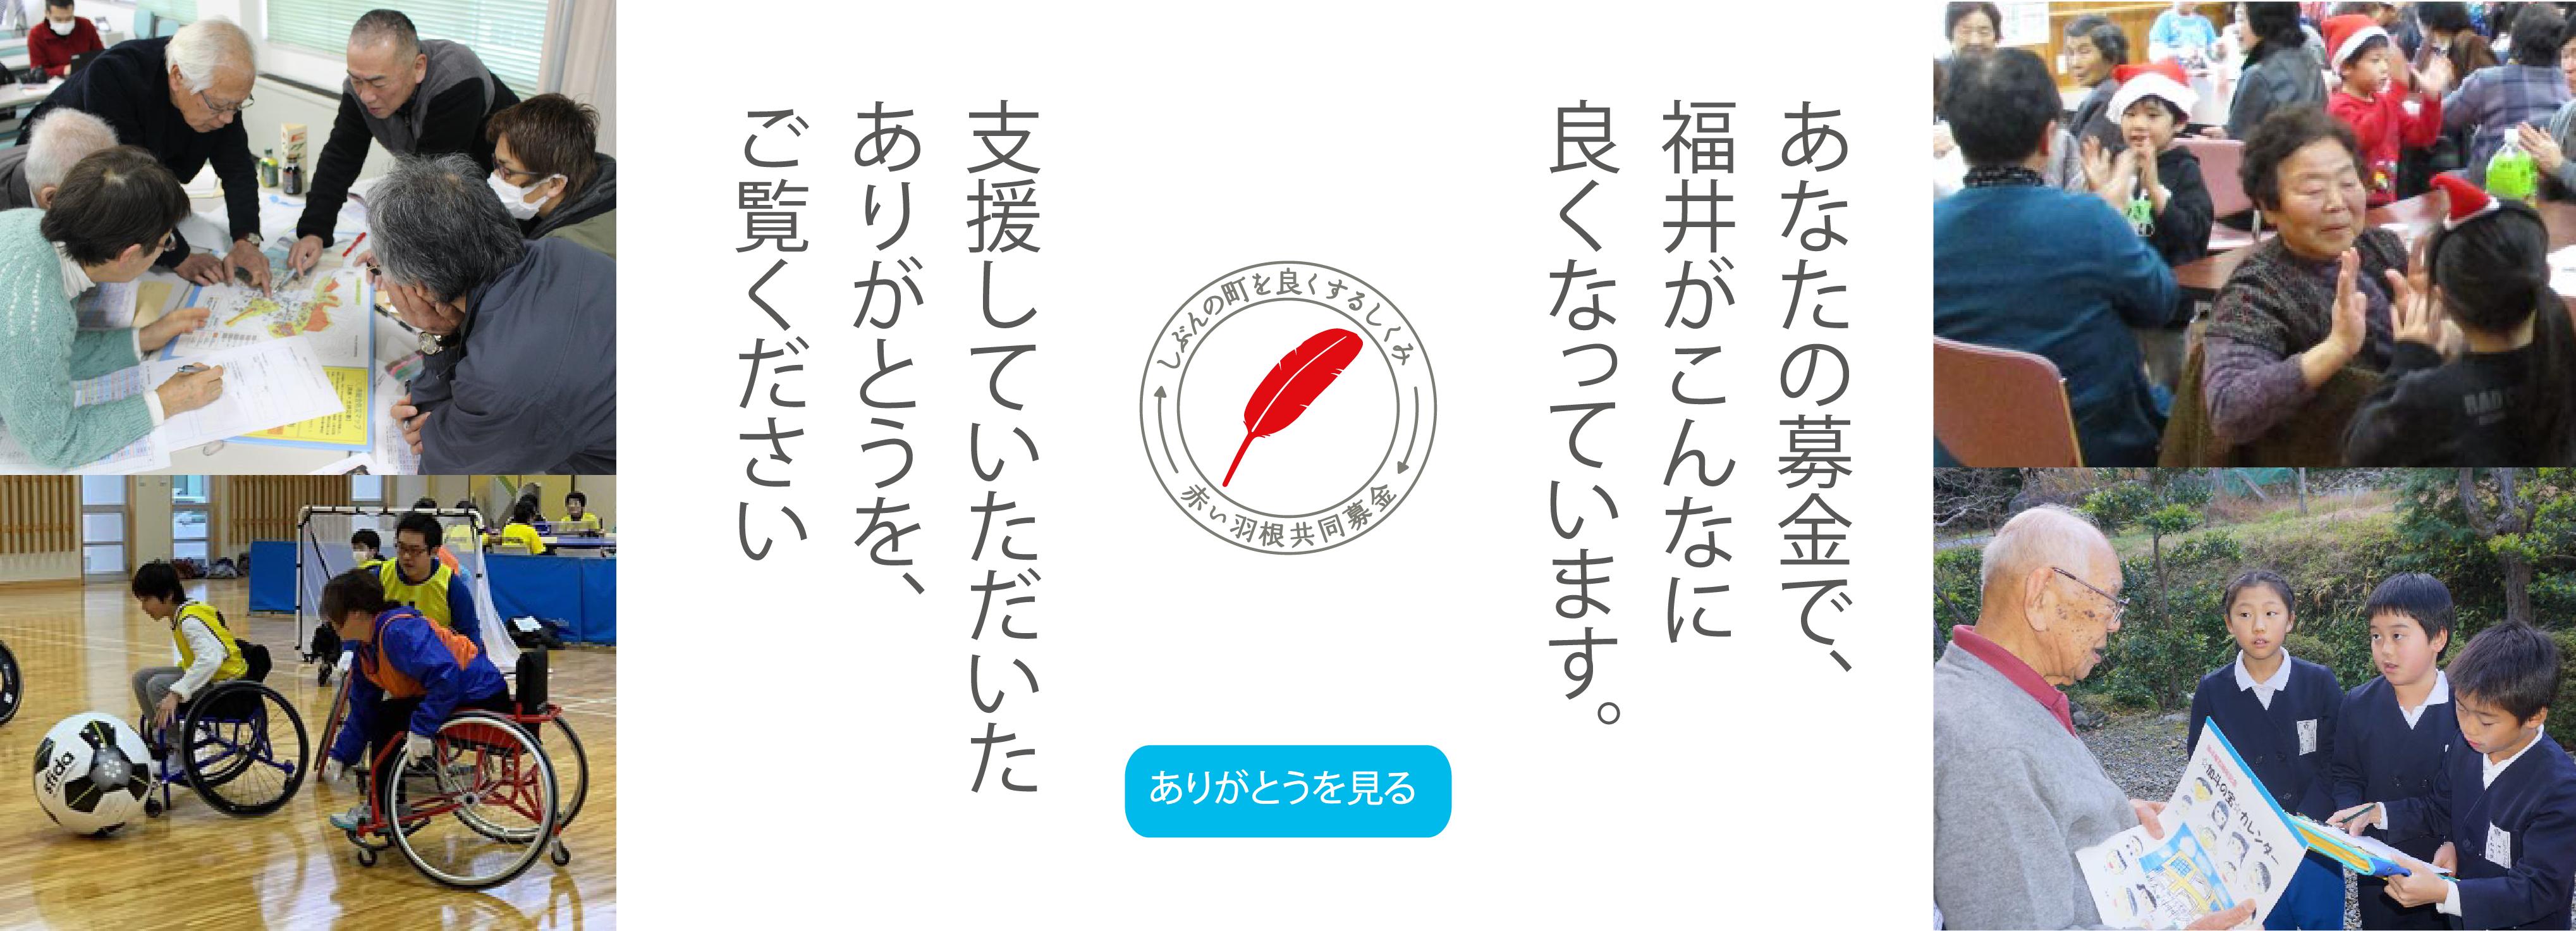 募金のつかいみち-01.png